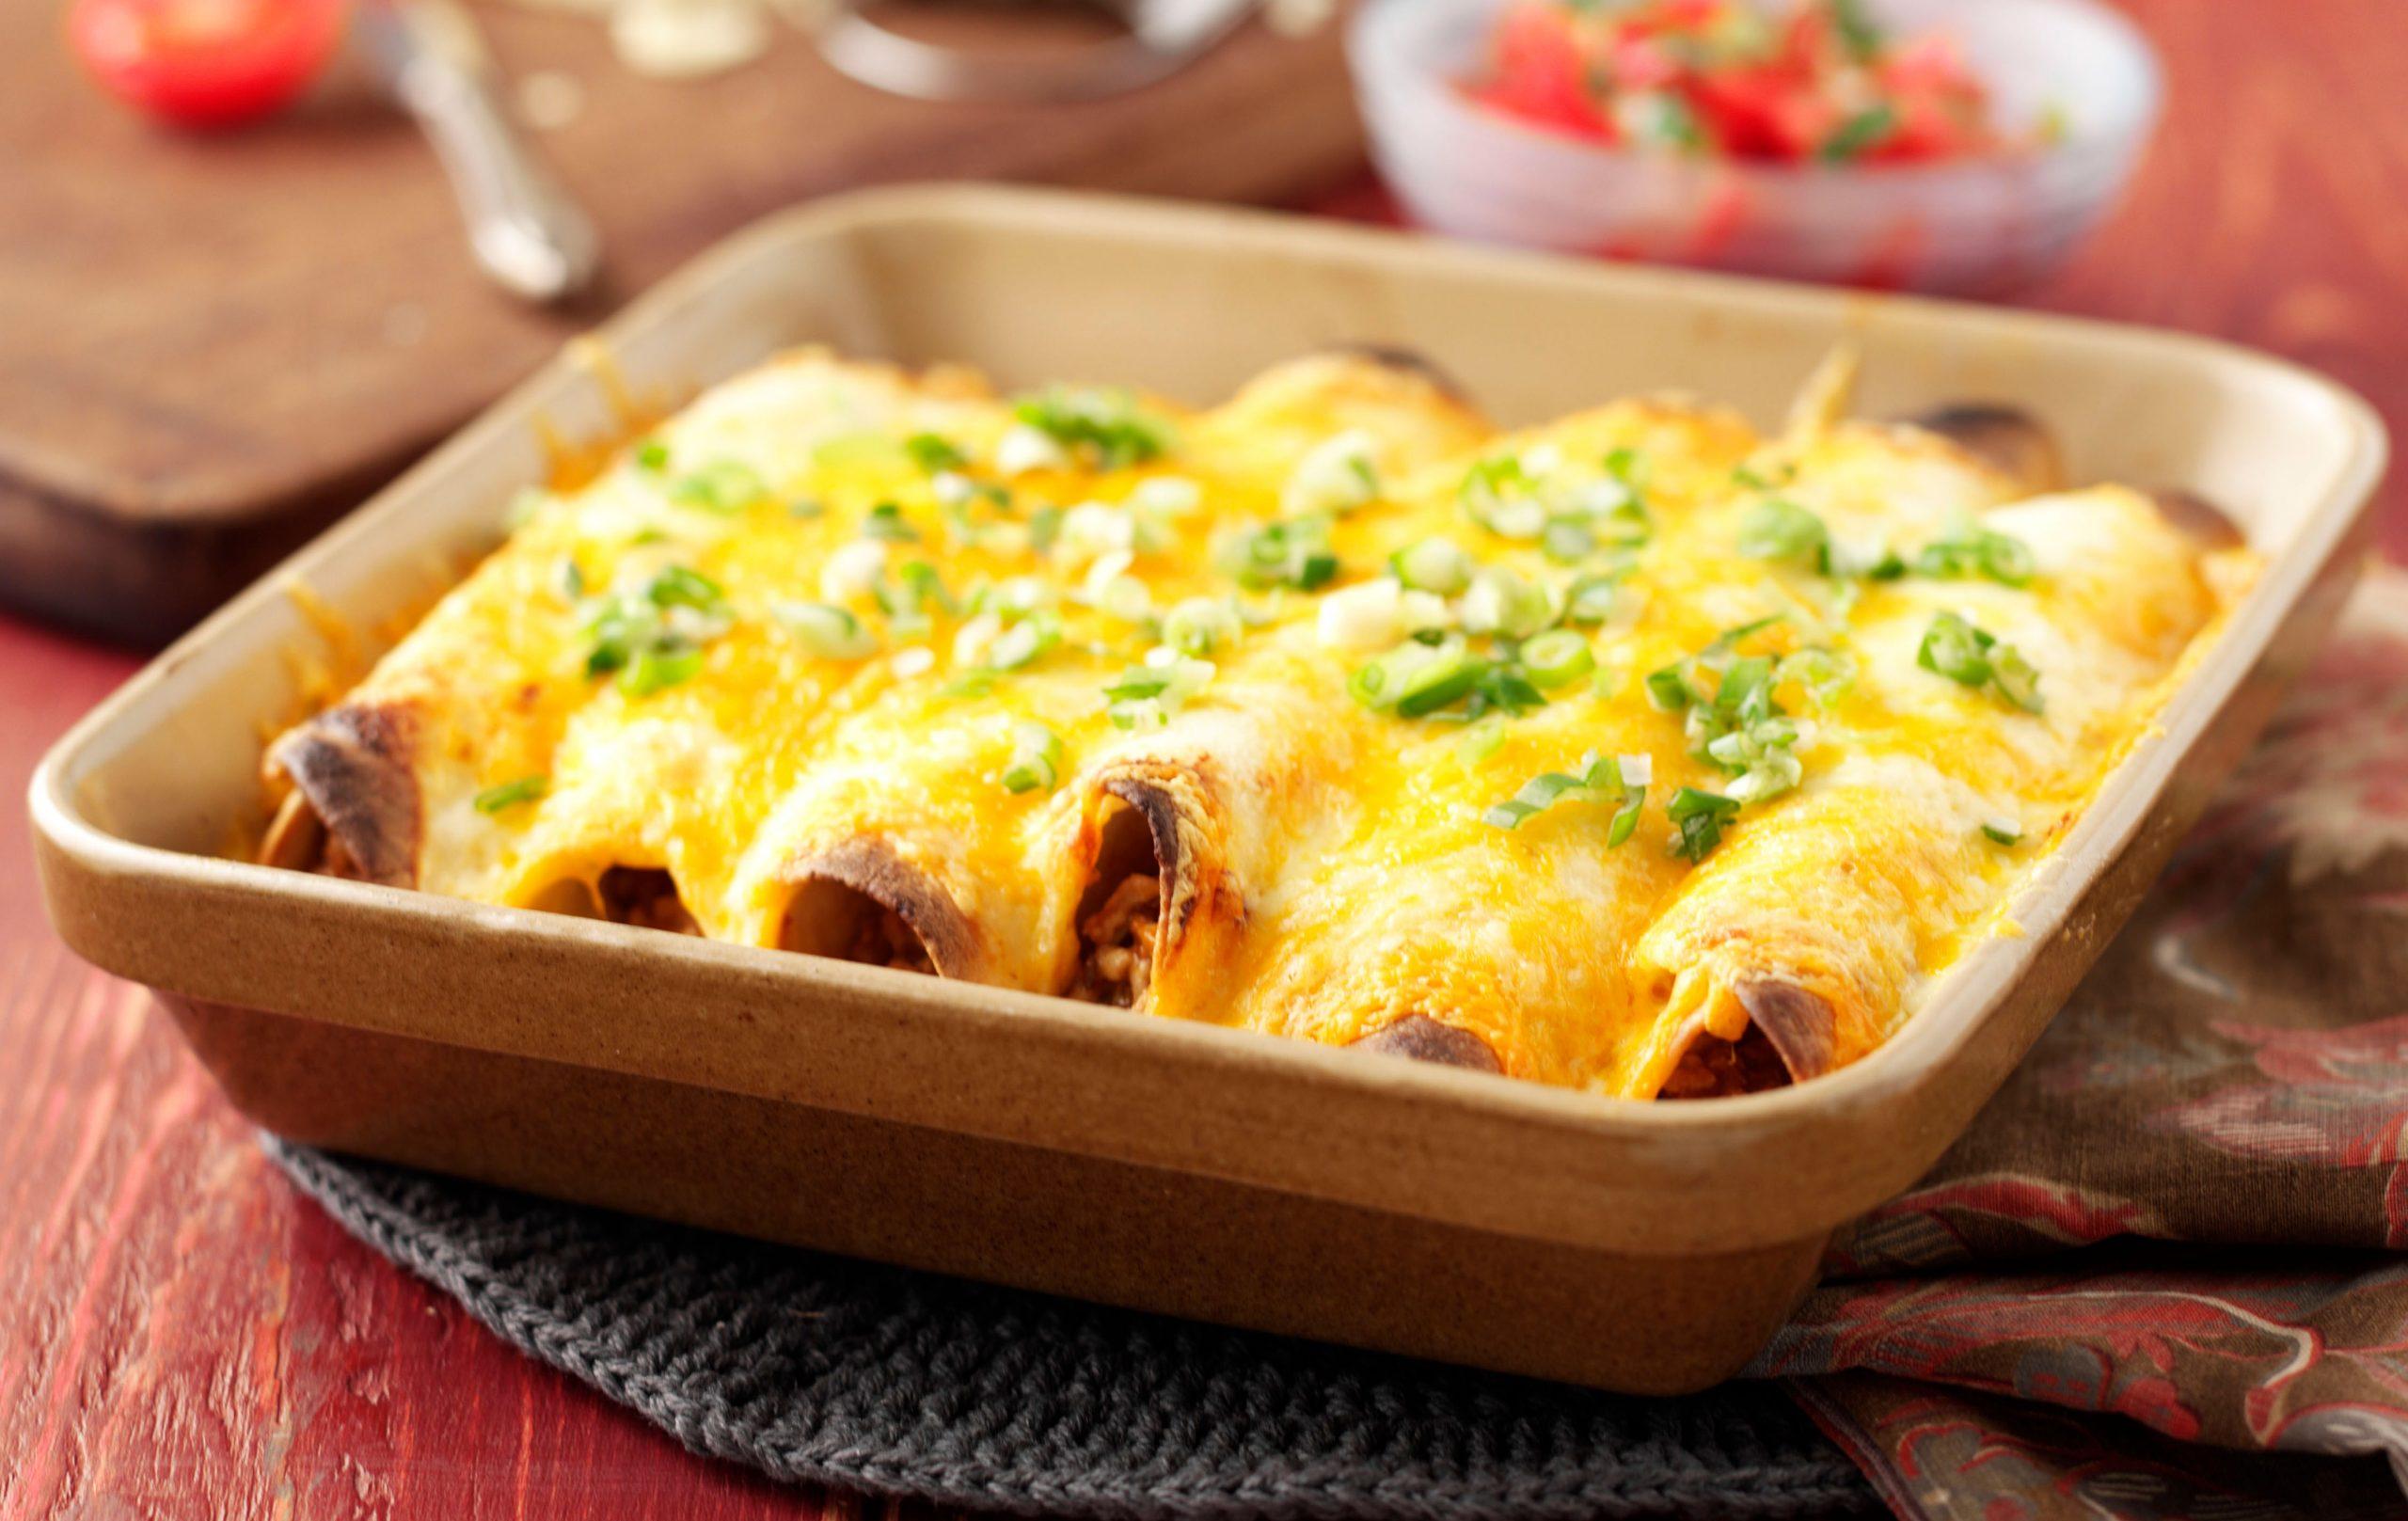 Enchiladas au ragoût de porc, Repas hypocaloriques